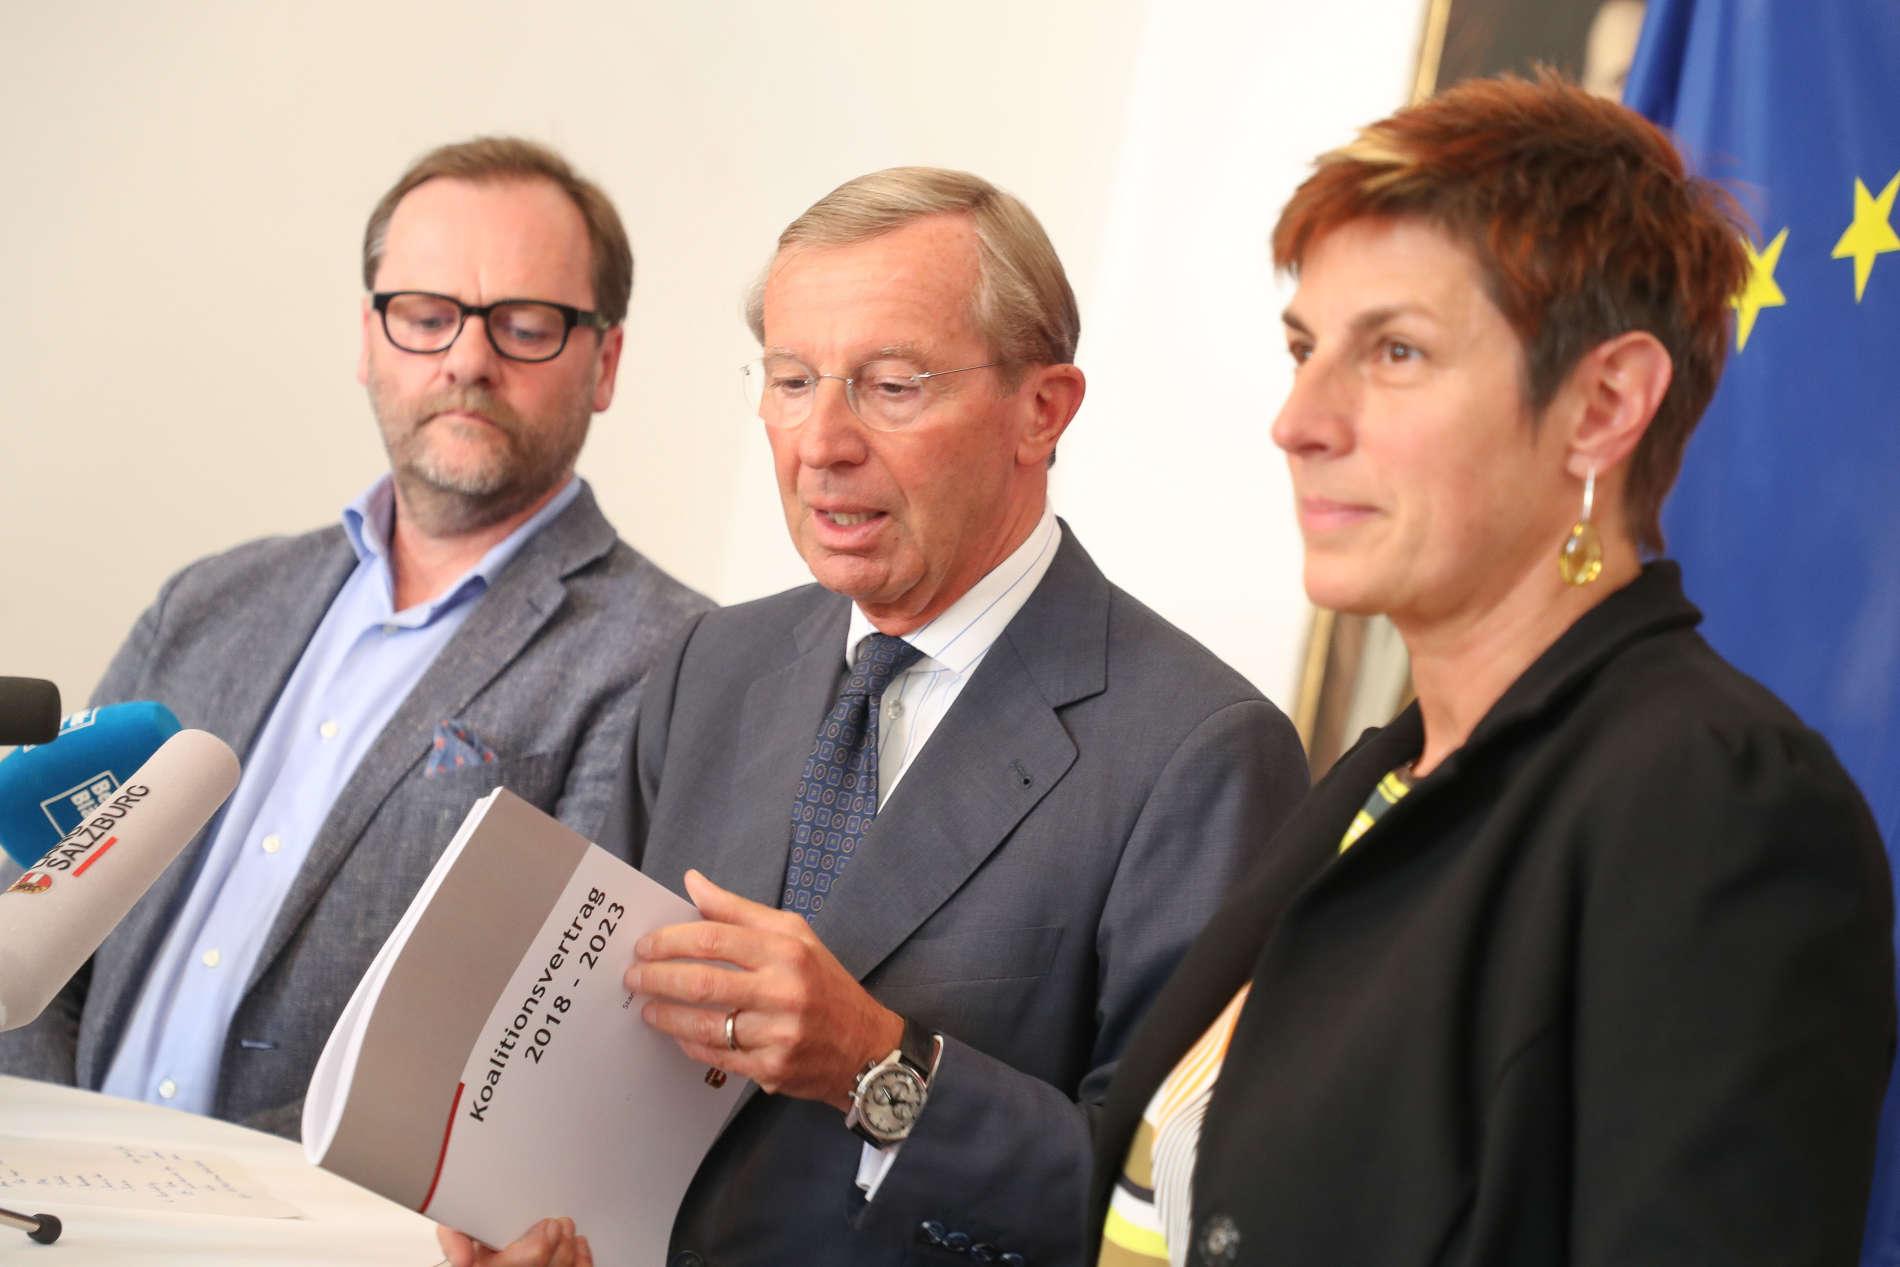 LH und ÖVP-Chef Wilfried Haslauer präsentierte gemeinsam mit den Obleuten von Grünen, Astrid Rössler, und Sepp Schellhorn (Neos), das Koalitionsabkommen, das freilich bei Grün und Pink in der Regierung von anderen Personen umgesetzt werden muss. Rössler hat nach der Wahlniederlage als Parteichefin das Handtuch geworden, Schellhorn bleibt als Nationalratsabgeordneter in Wien.